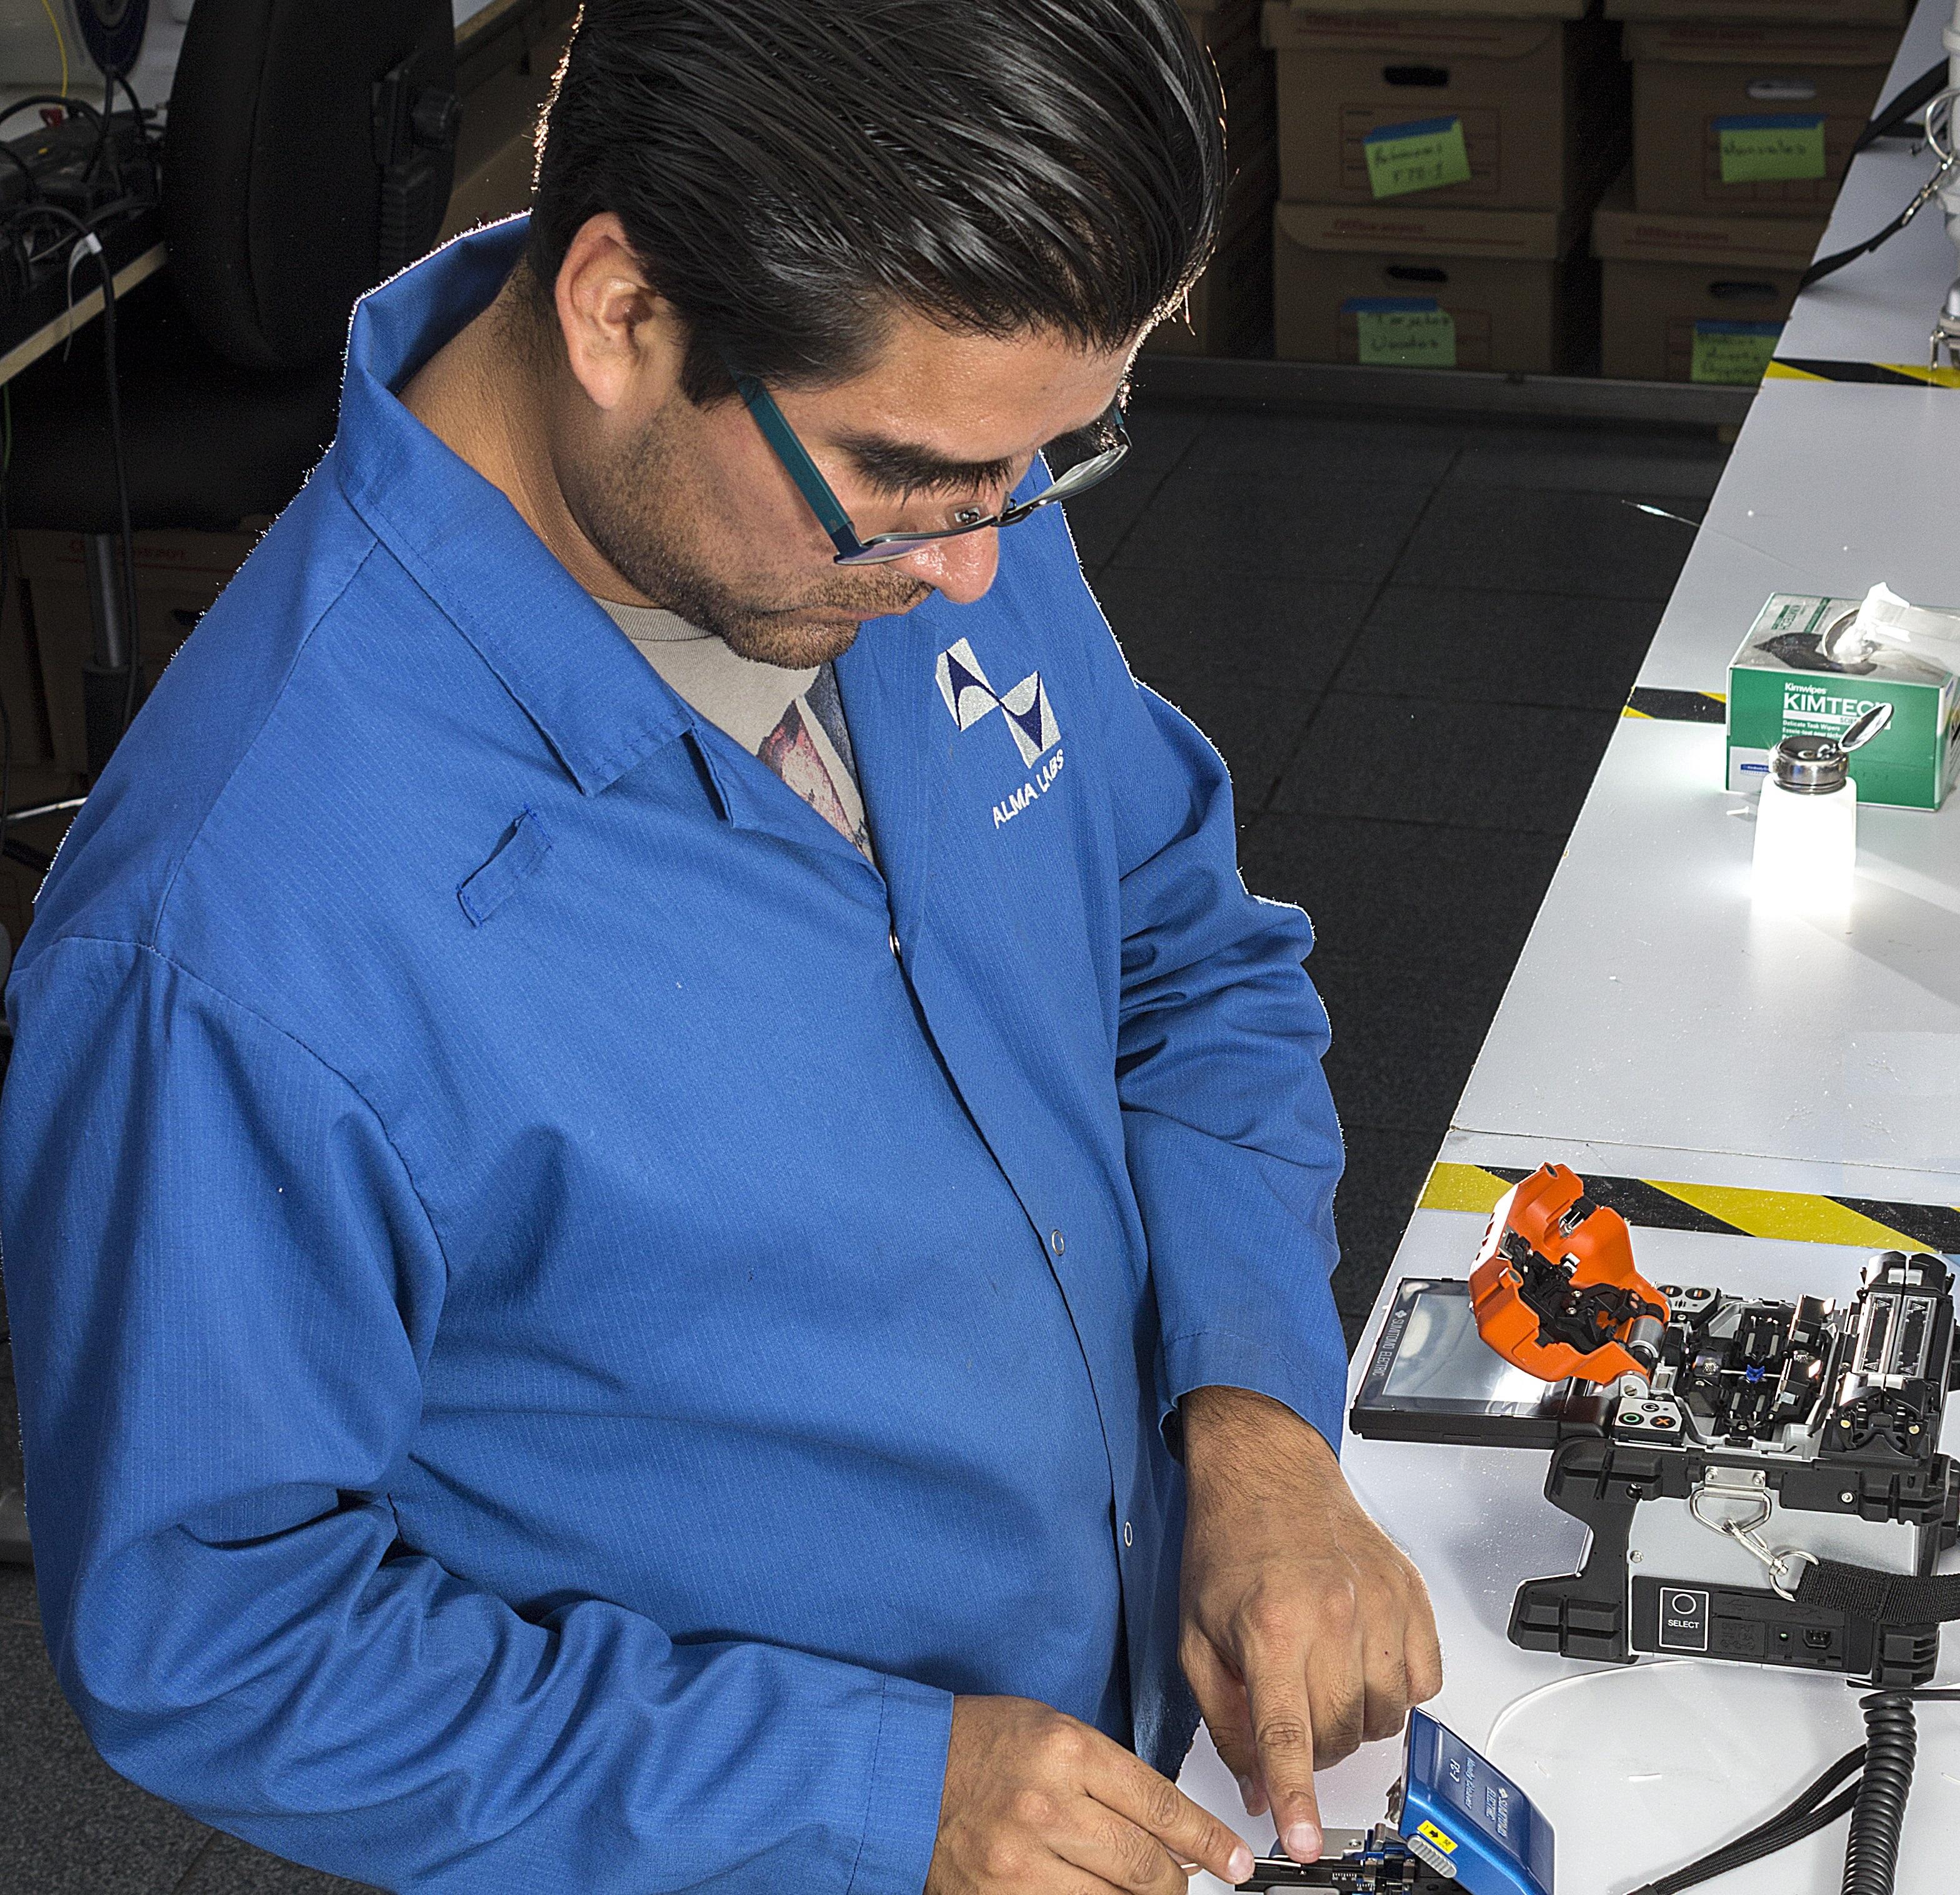 Centro de Servicio Certificado SUMITOMO ELECTRIC – Estado de su Servicio en Línea